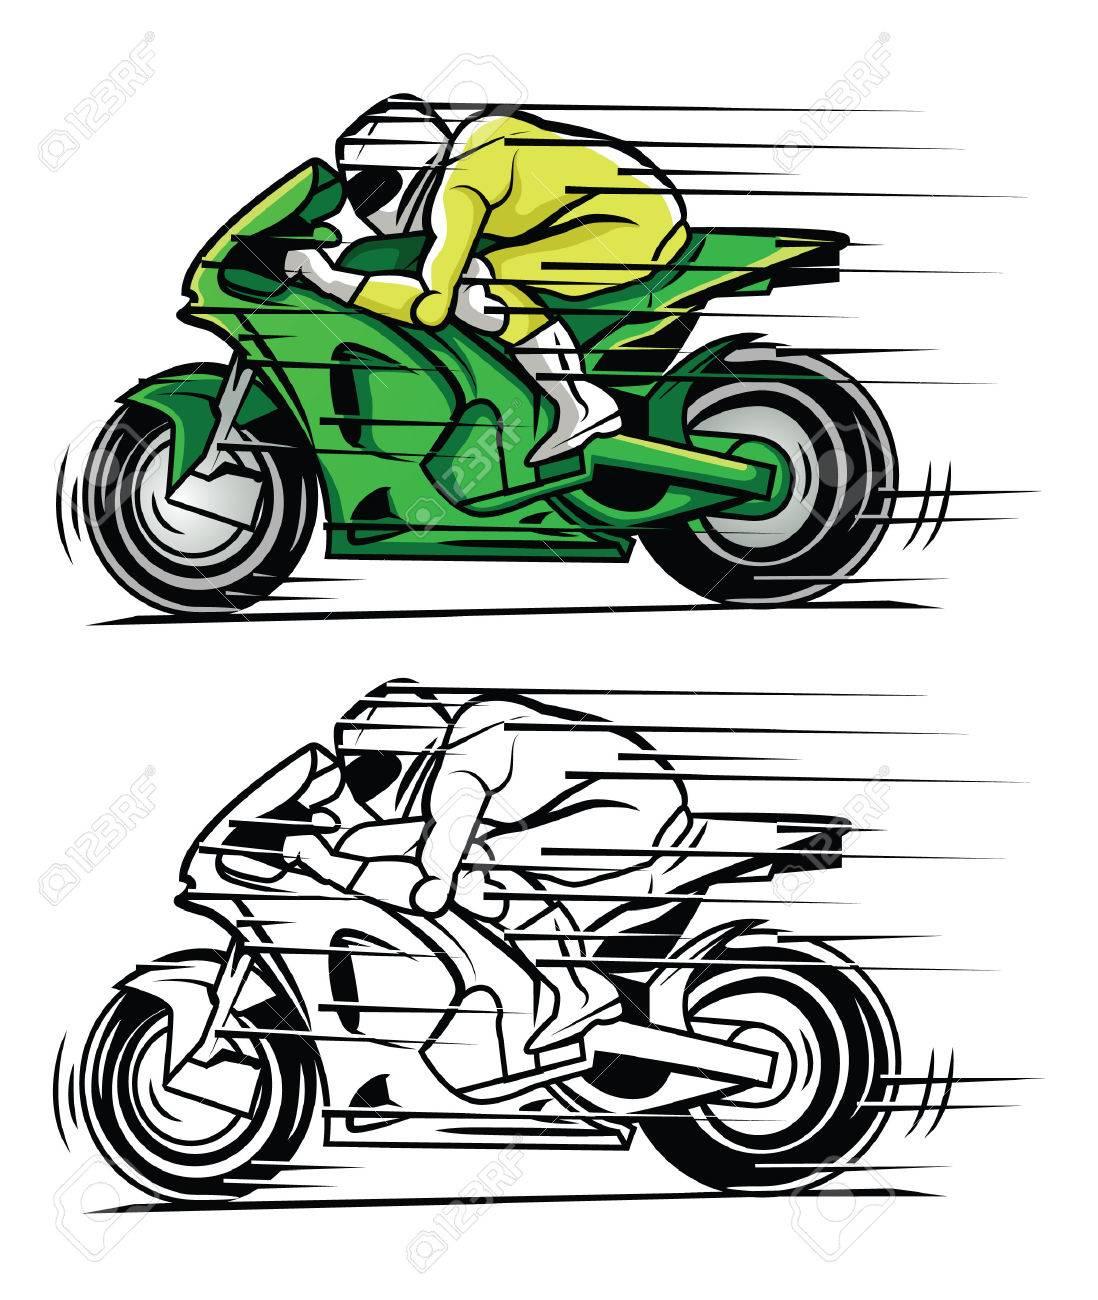 Libro Para Colorear Dibujos Animados Carácter Moto Race ...